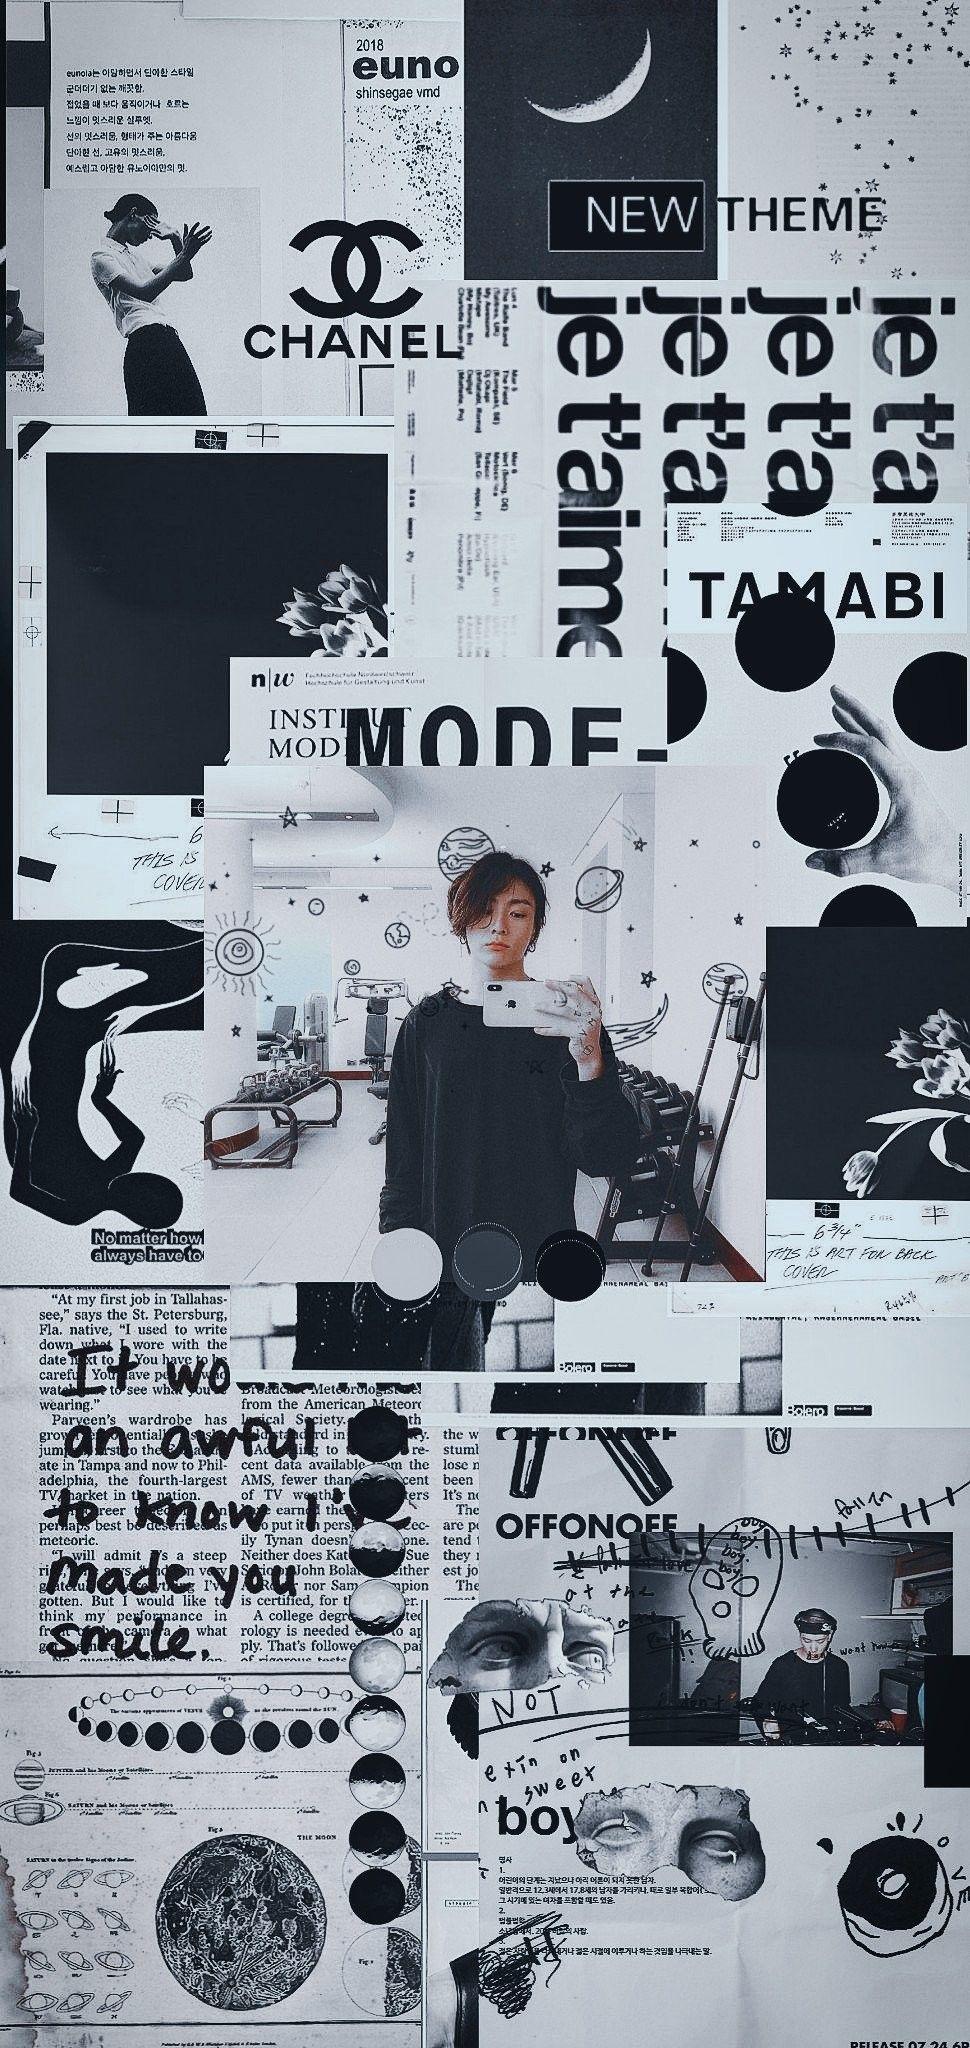 Download Premium Jungkook Black Wallpaper Iphone for iPhone X Free